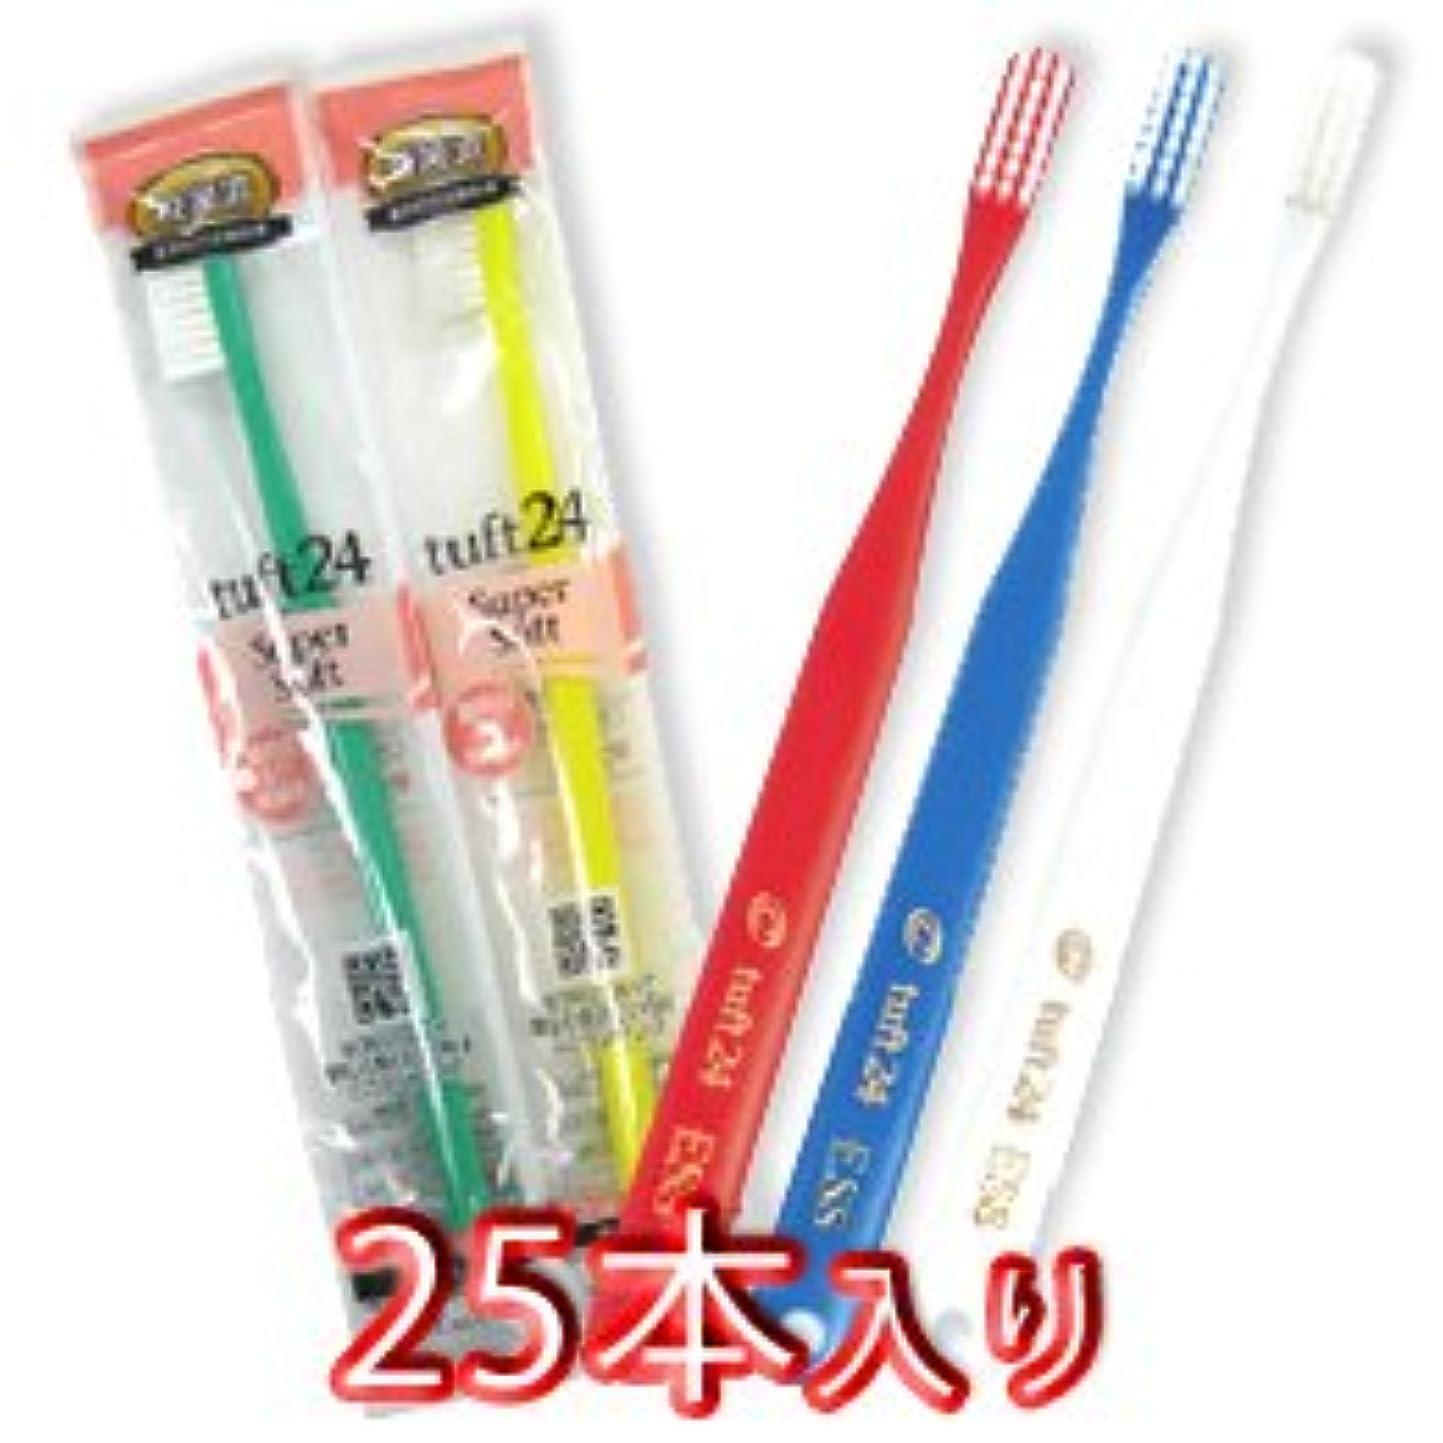 雇う取るに足らない適合しましたキャップ付き タフト 24 歯ブラシ スーパーソフト 25本 (アソート)